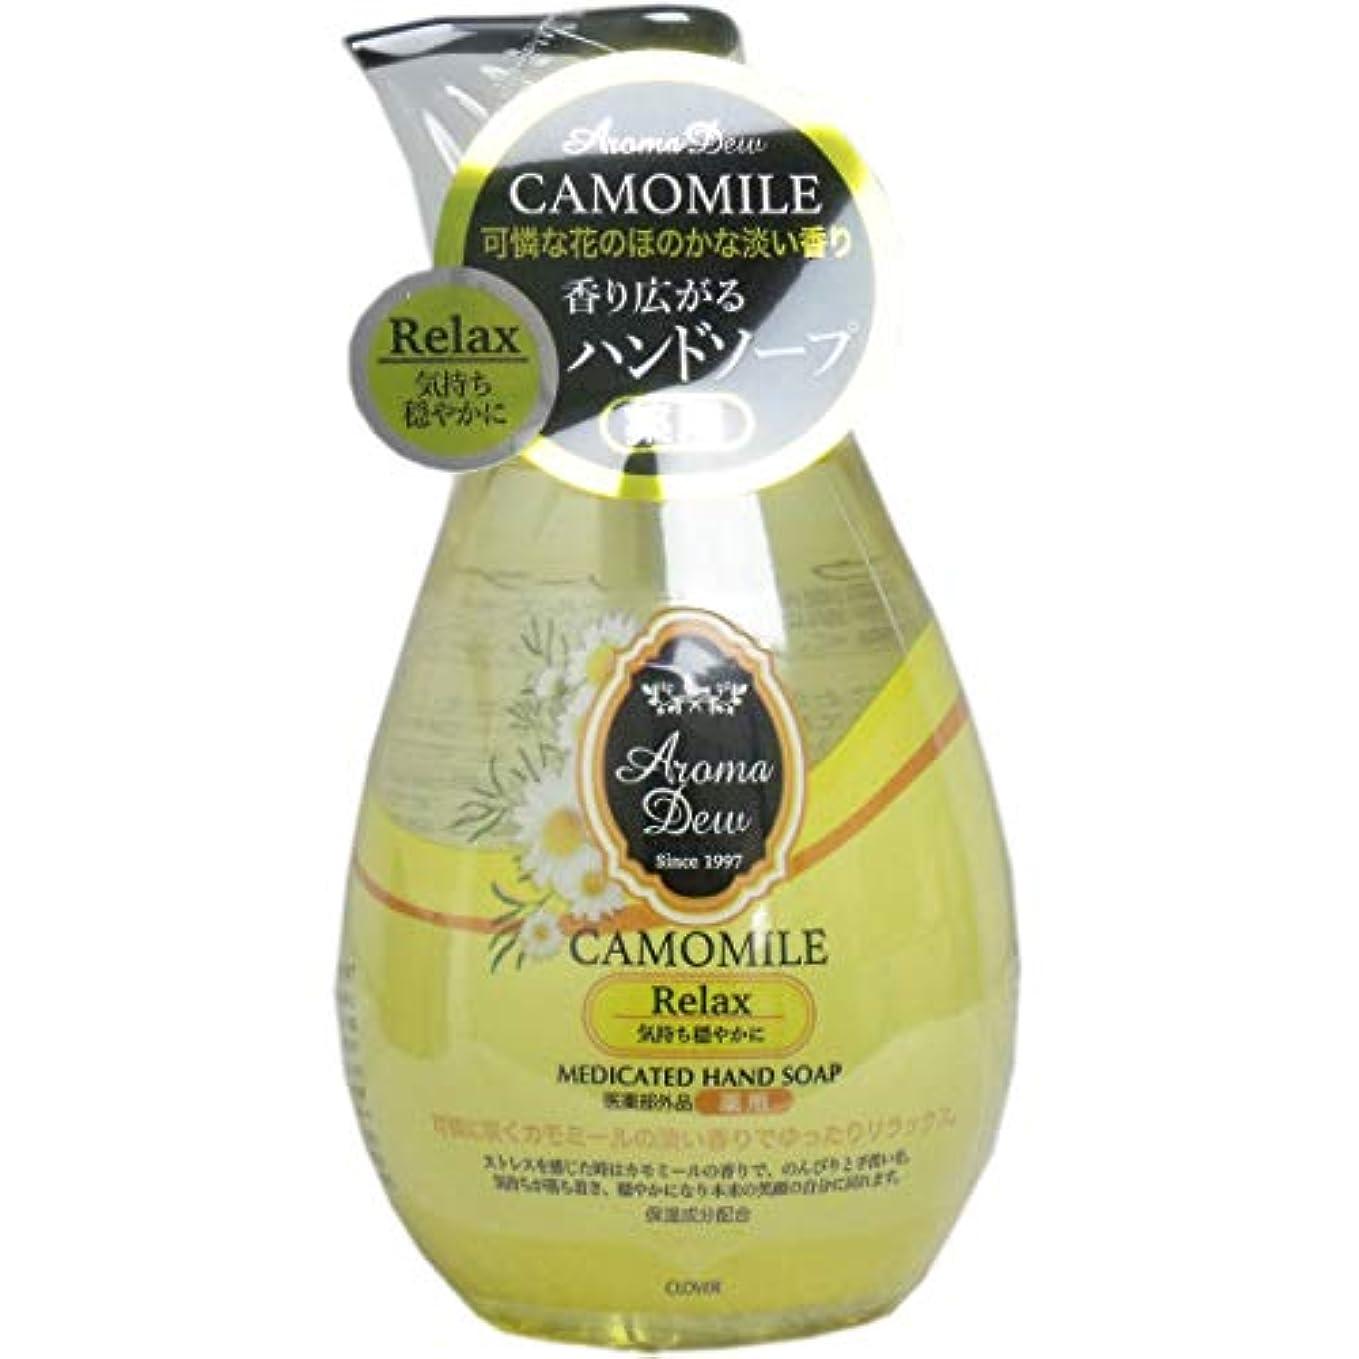 ばかげた作物それにもかかわらず薬用アロマデュウ ハンドソープ カモミールの香り 260mL×10個セット